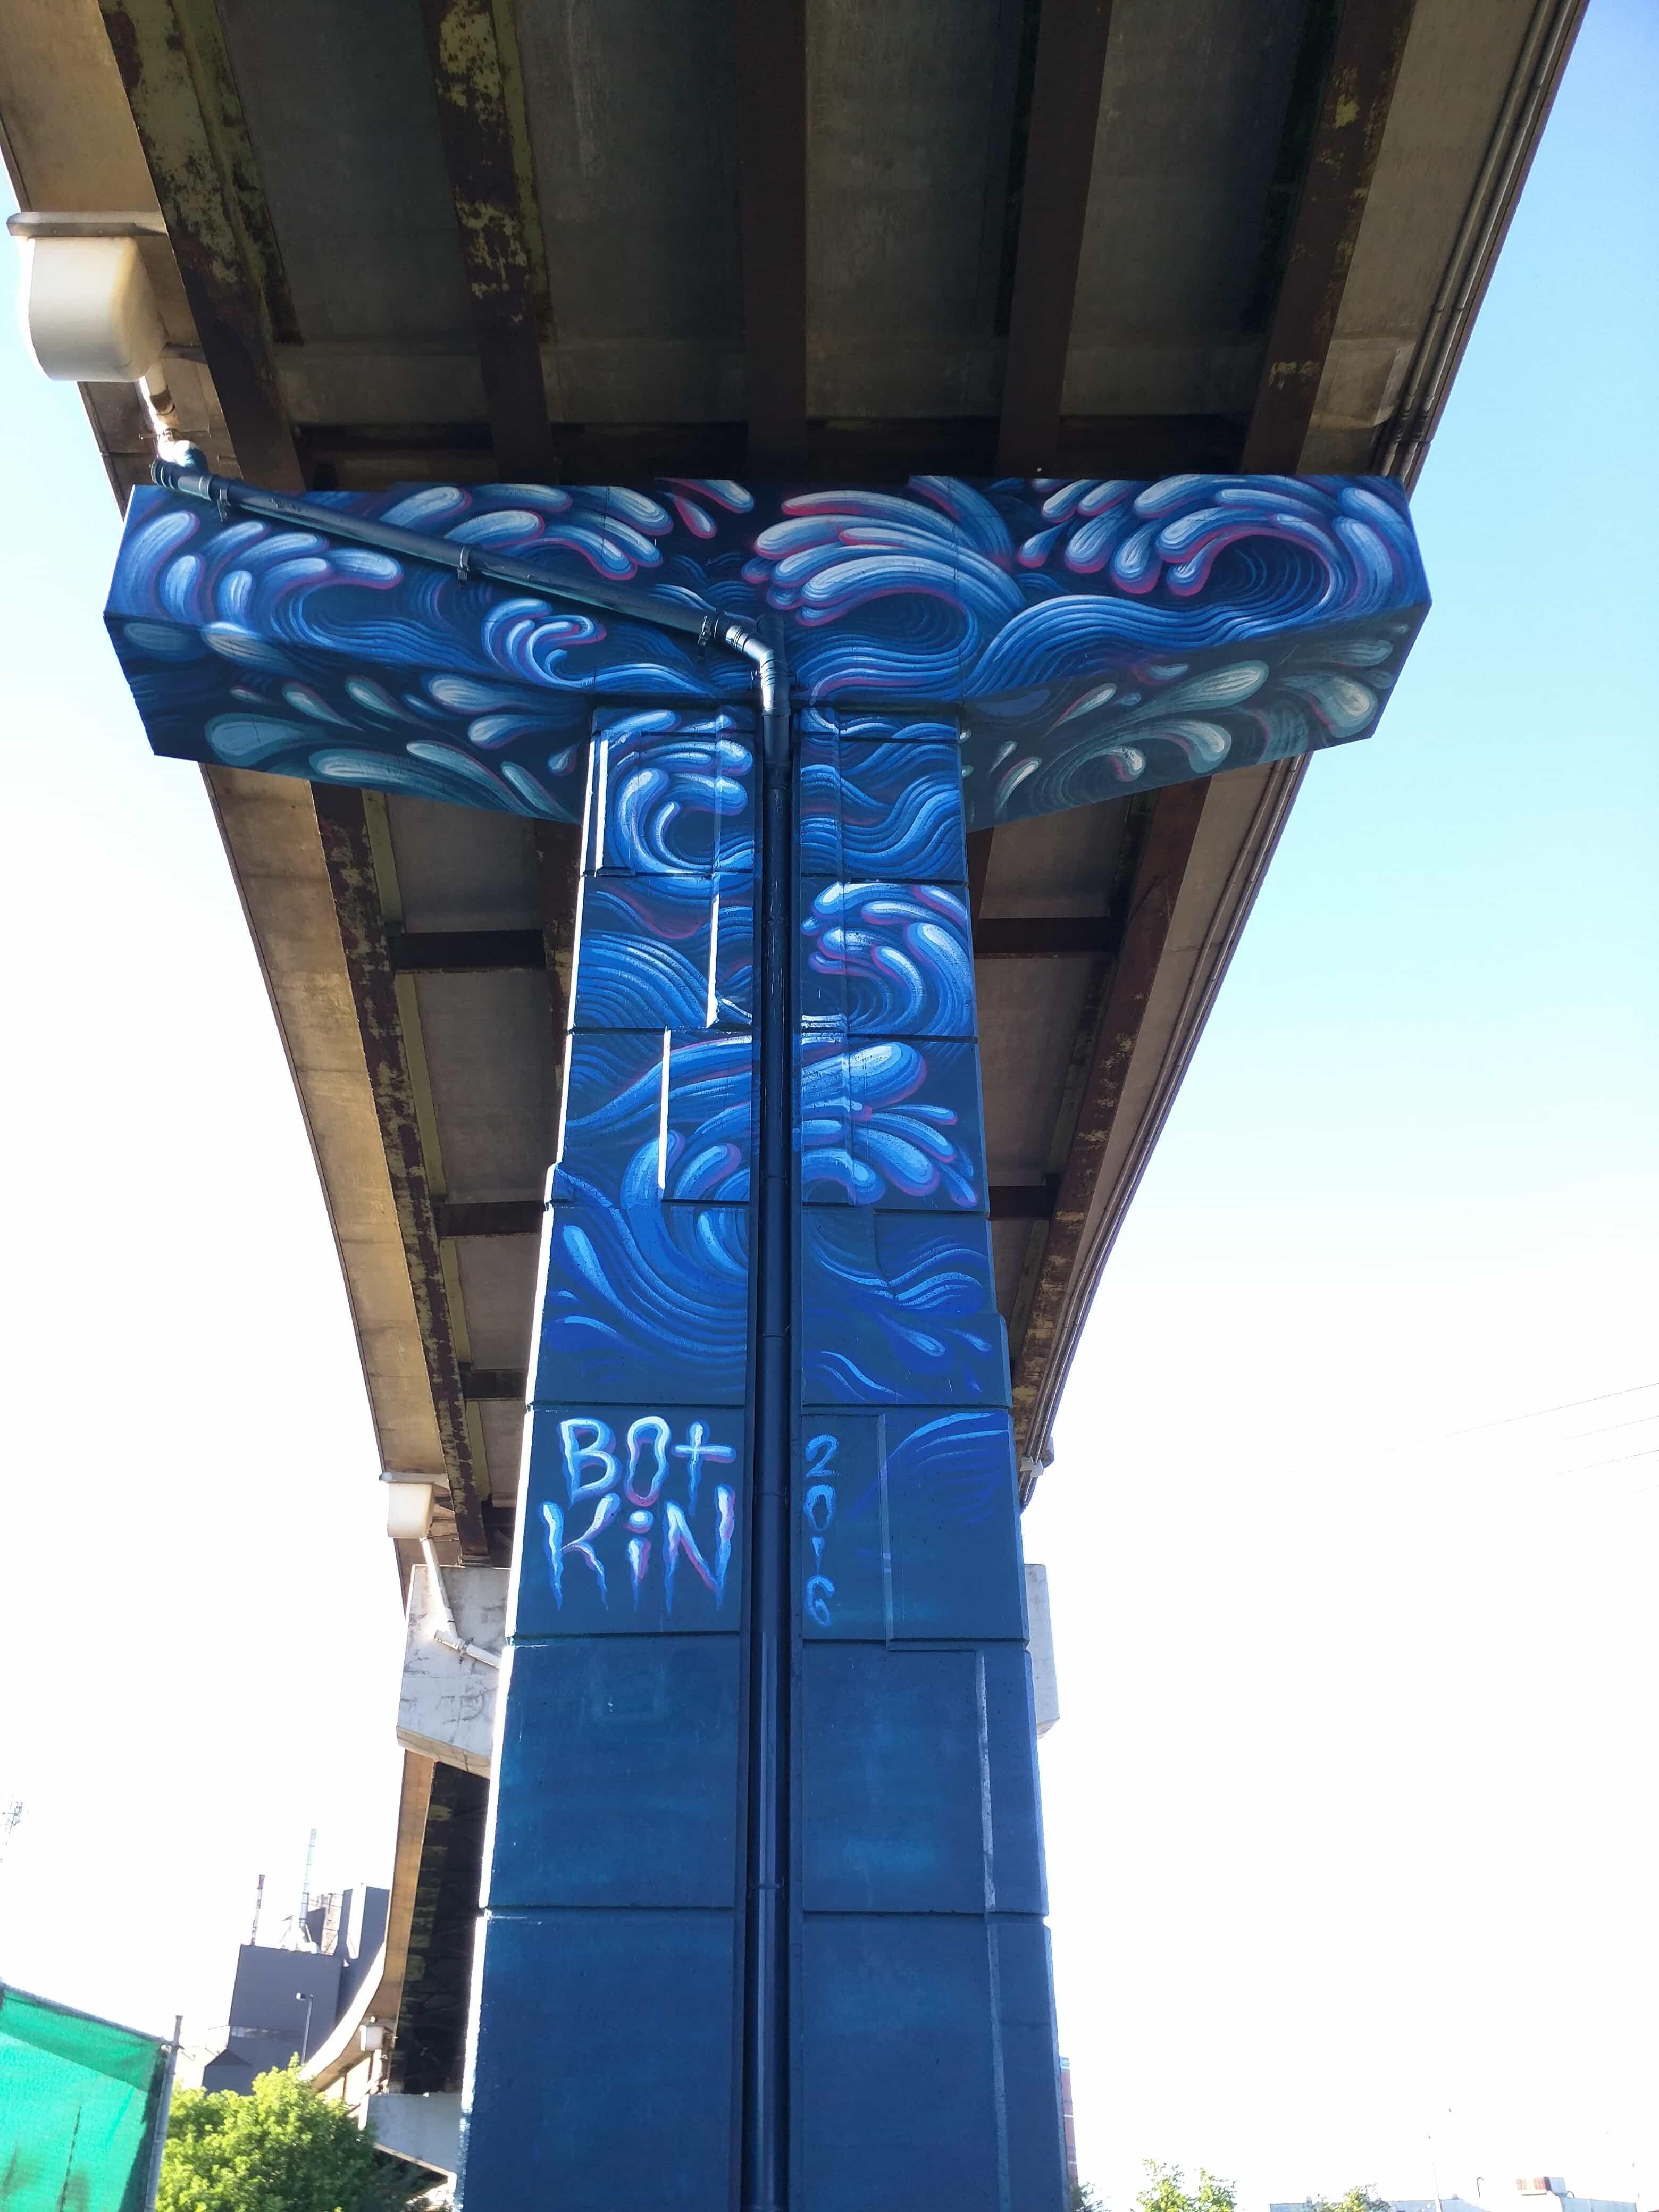 Botkin_Don Pillar West Side_PC Derek Akers_@muhr42